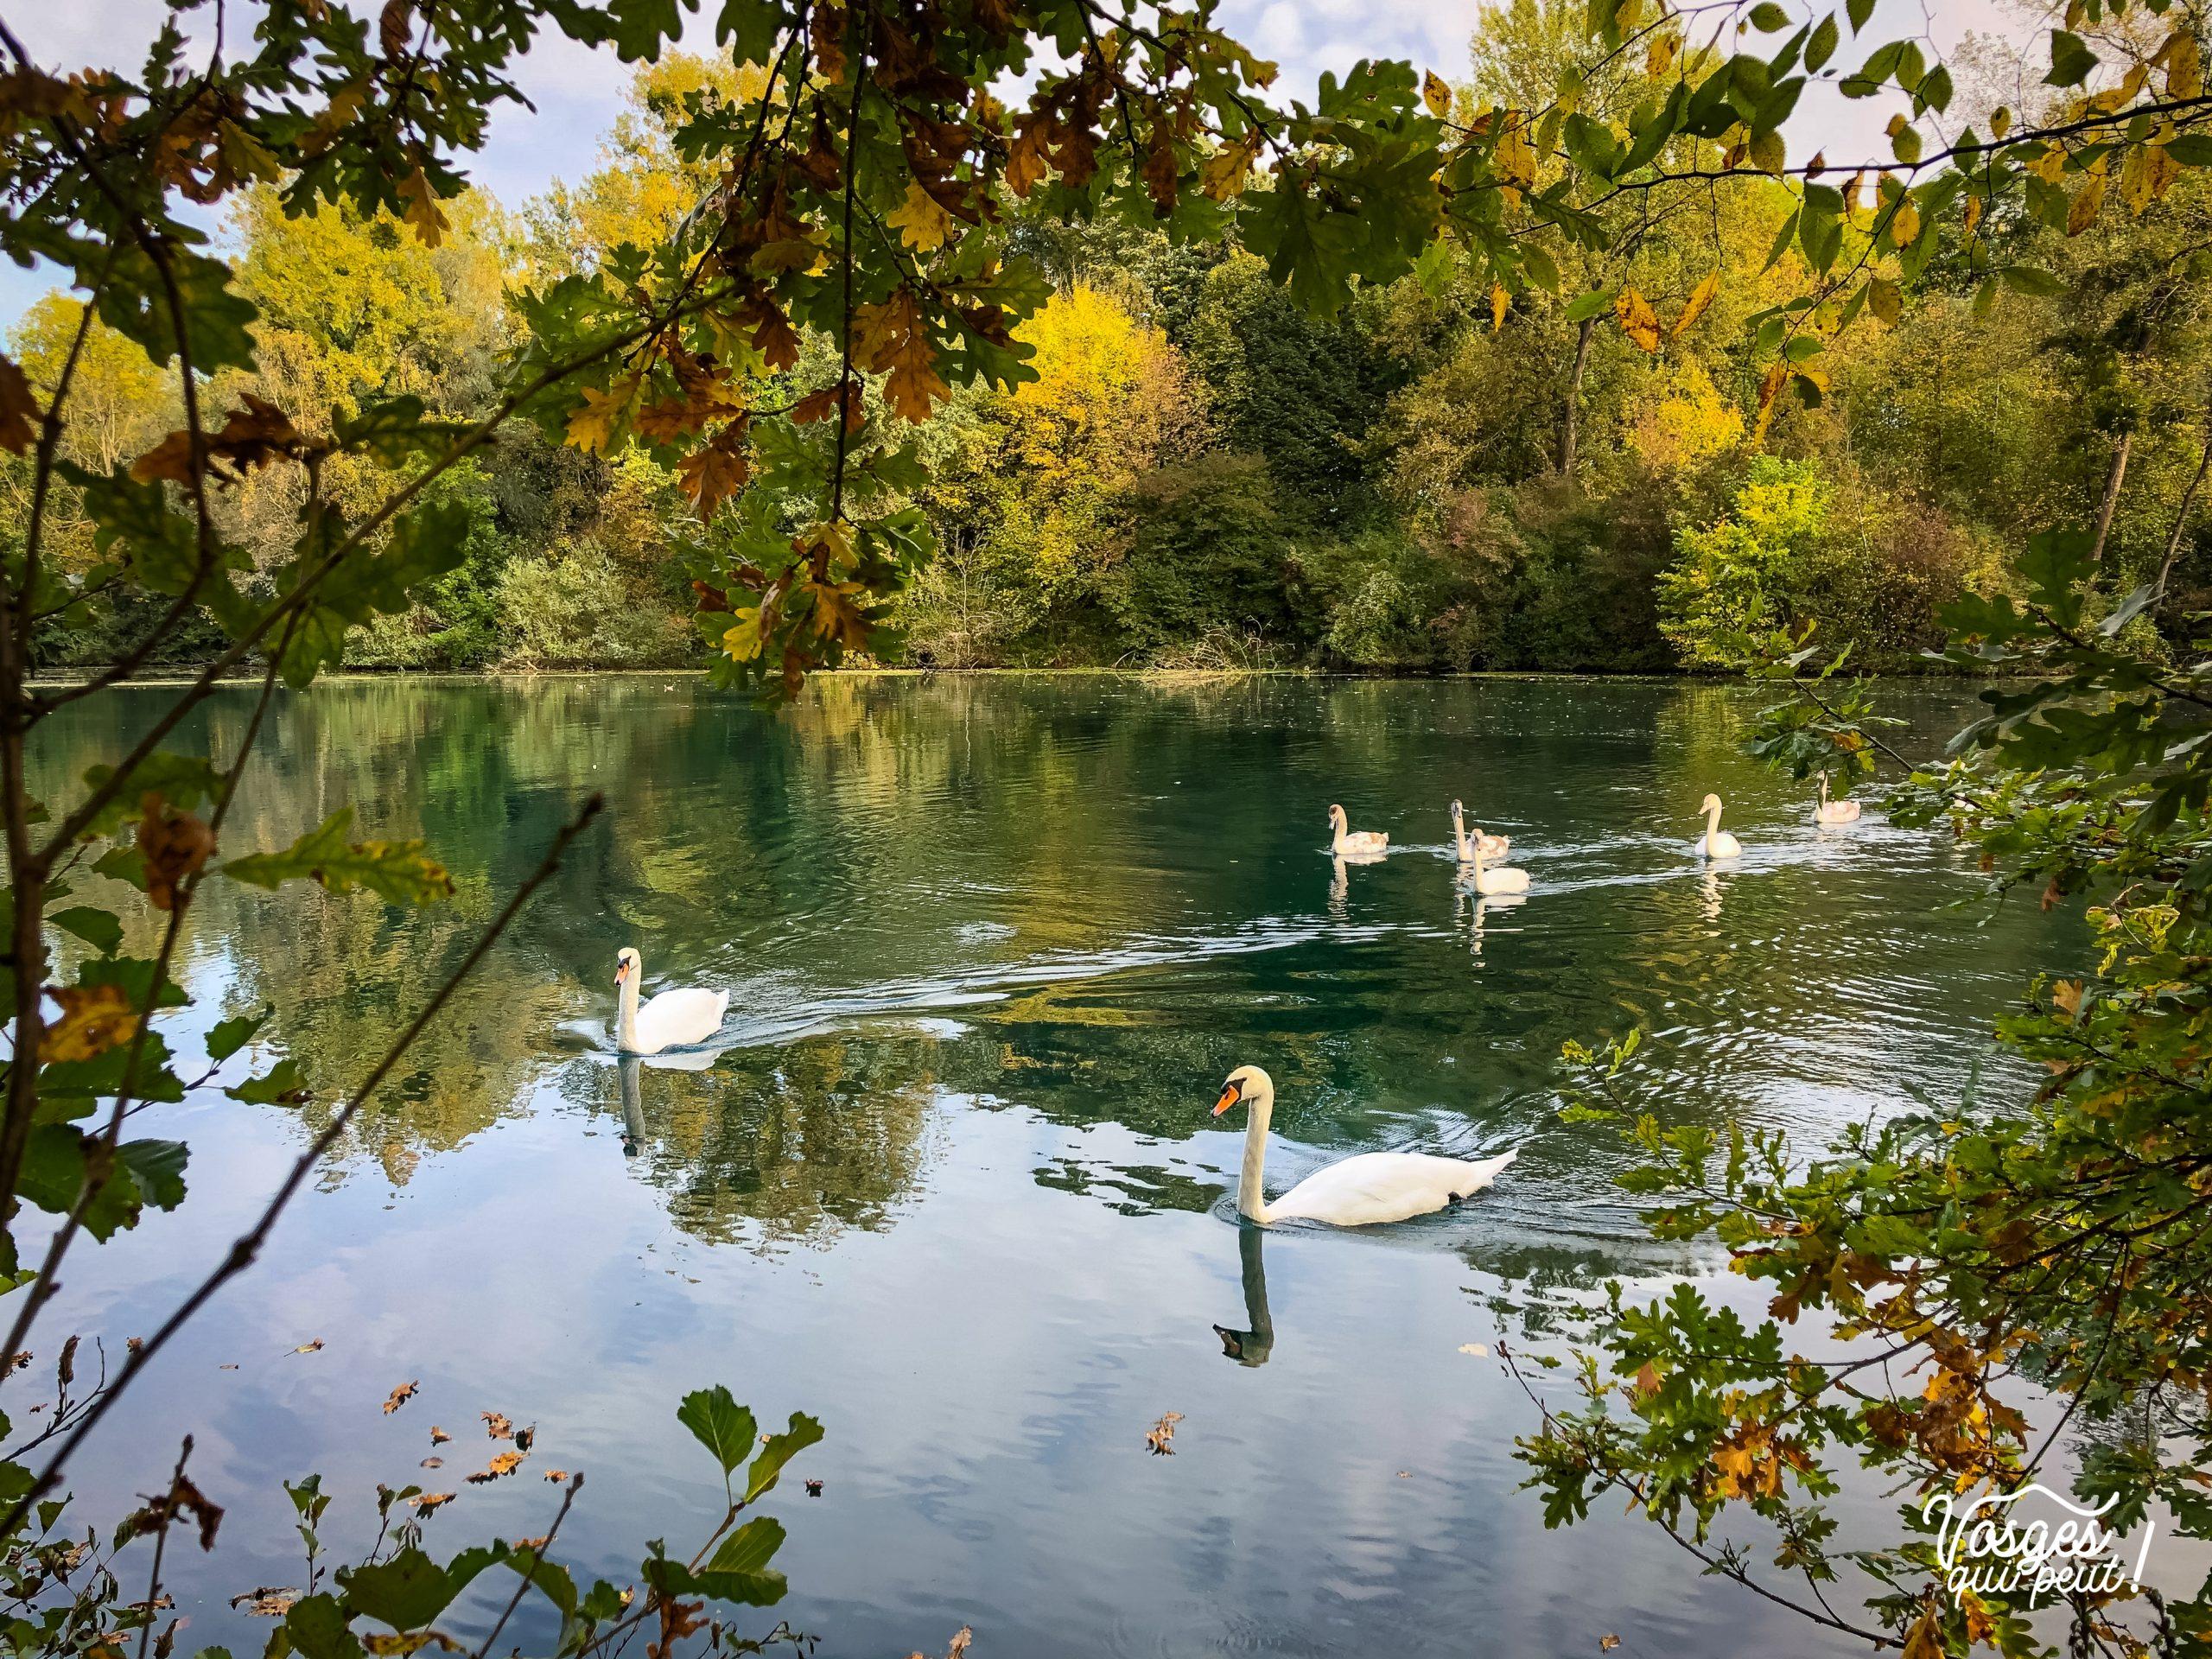 Des cygnes sur l'étang du Karpfenloch